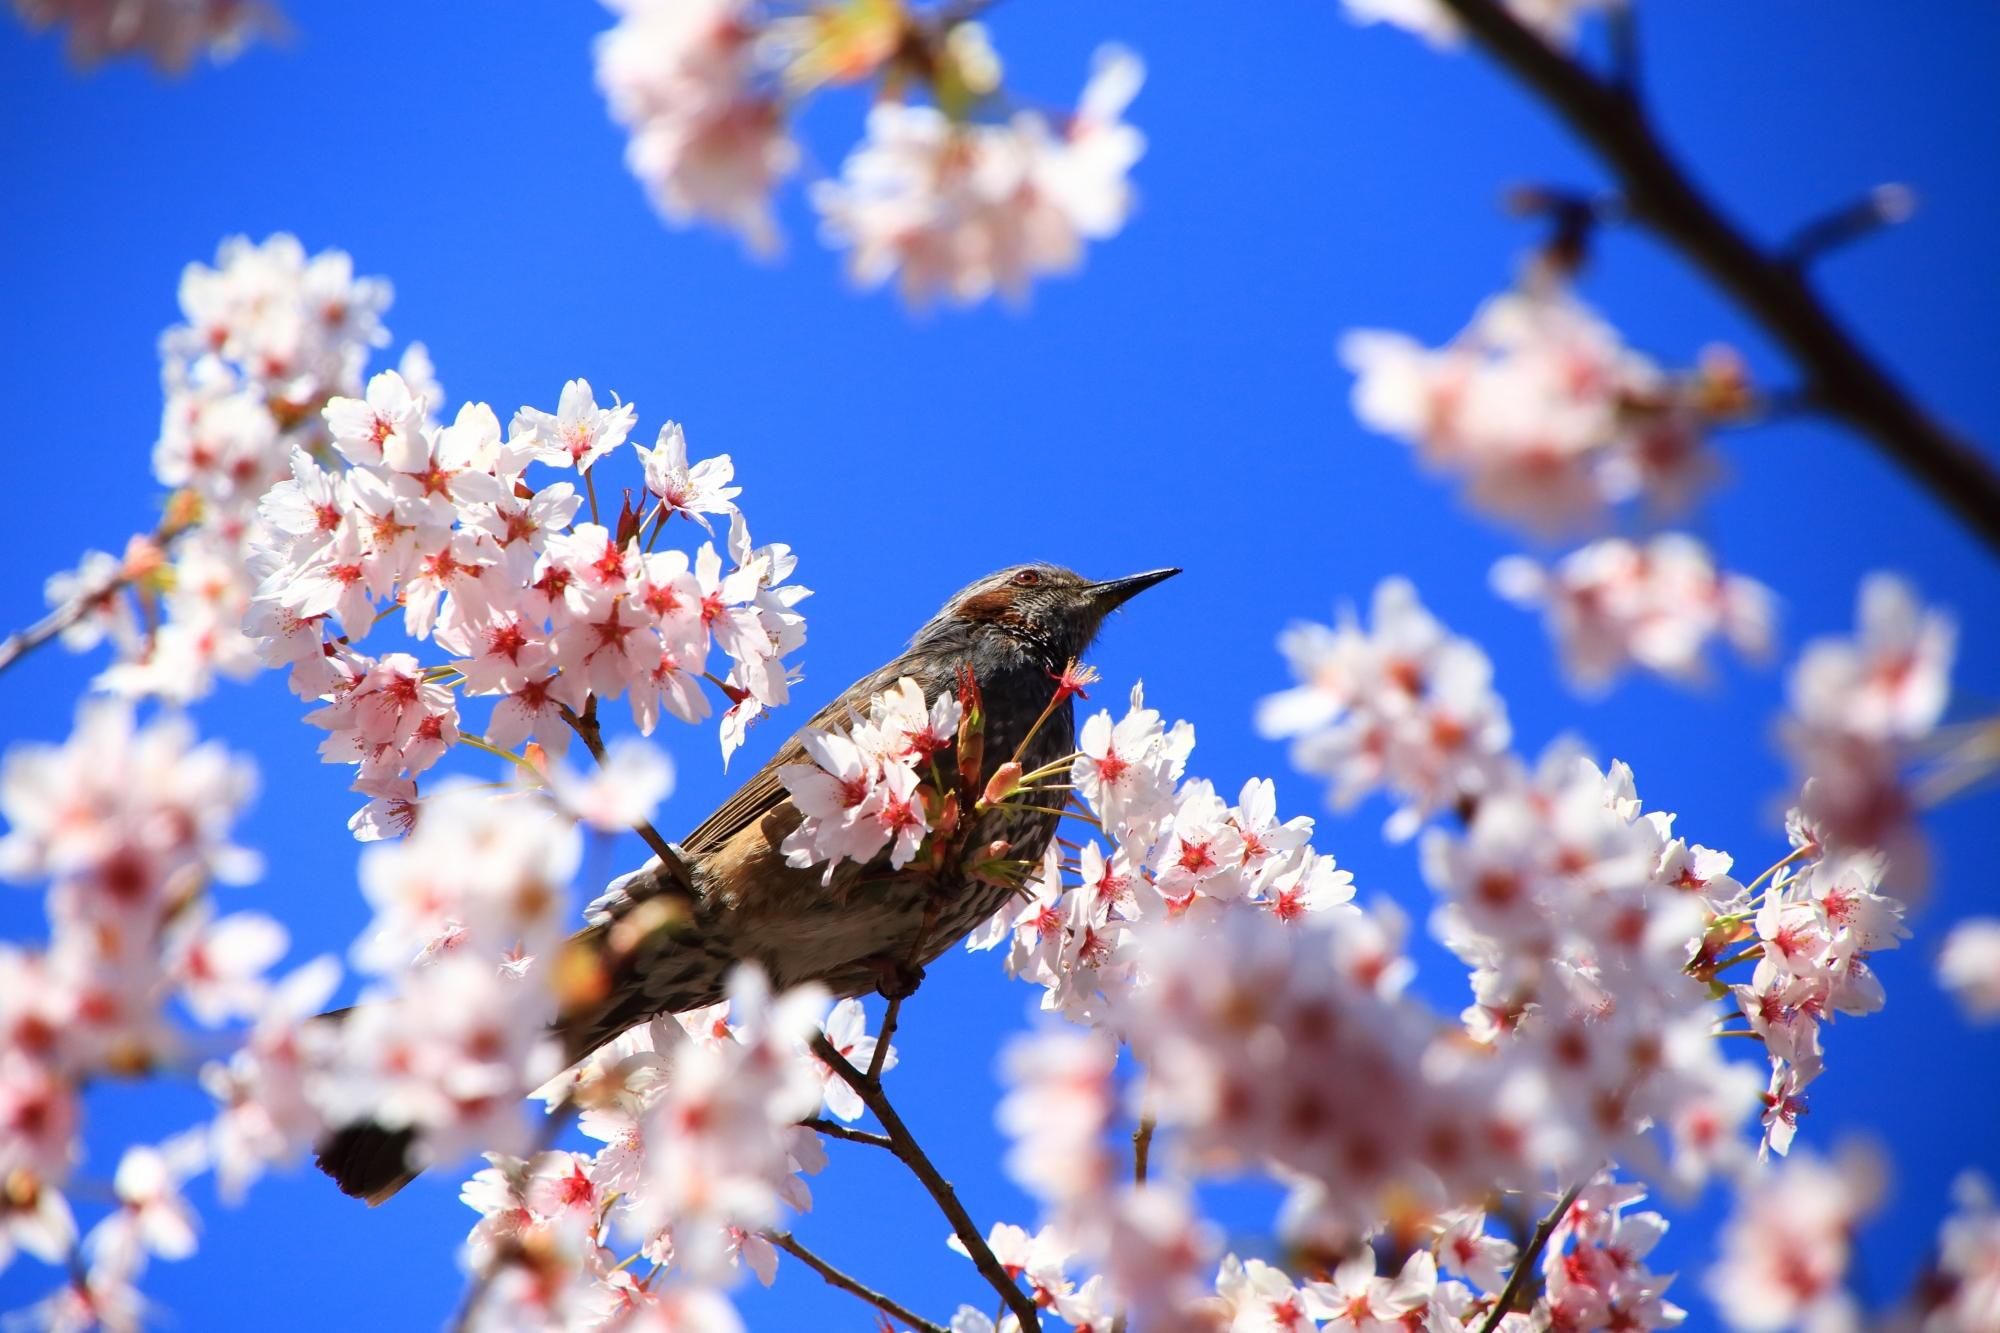 満開の桜の中で戯れるヒヨドリさん